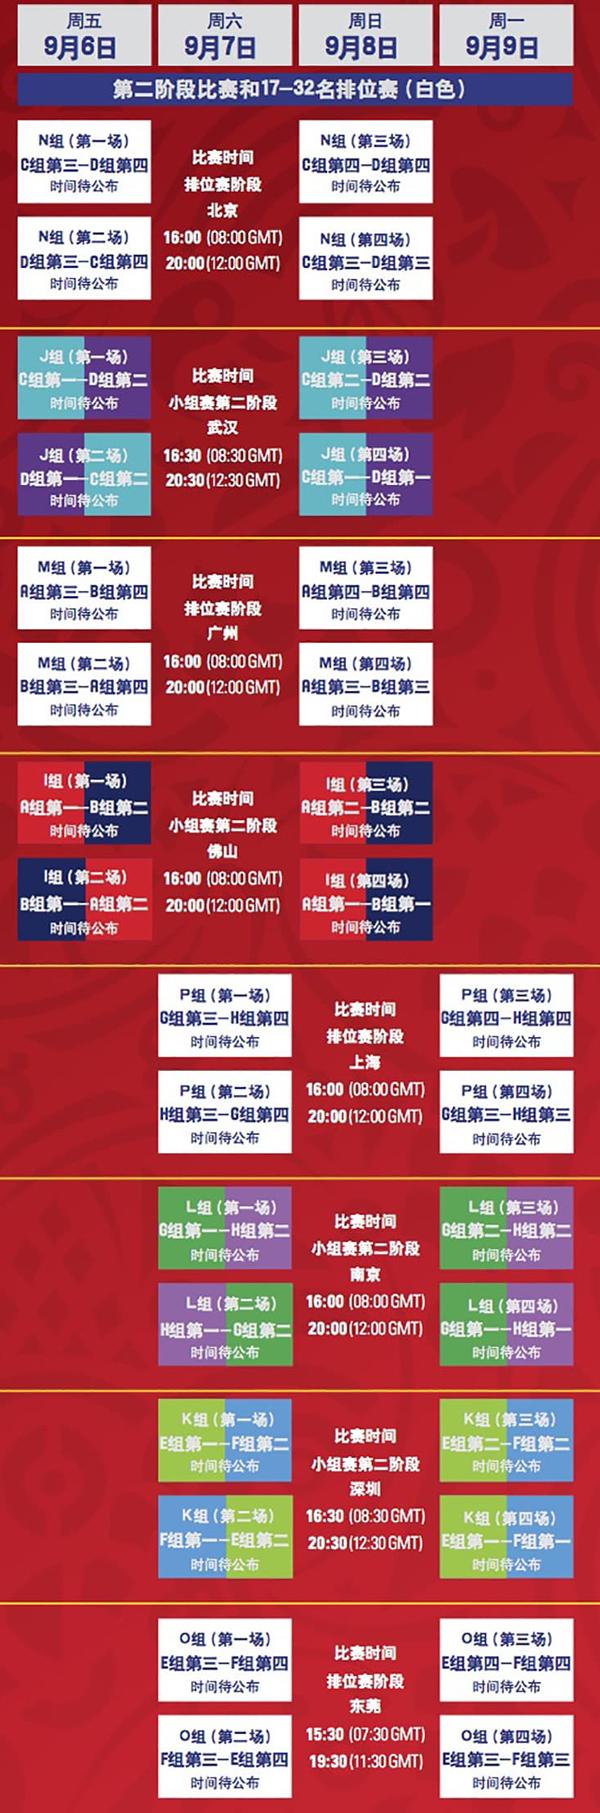 2019中國男籃世界杯賽程復賽及排位賽